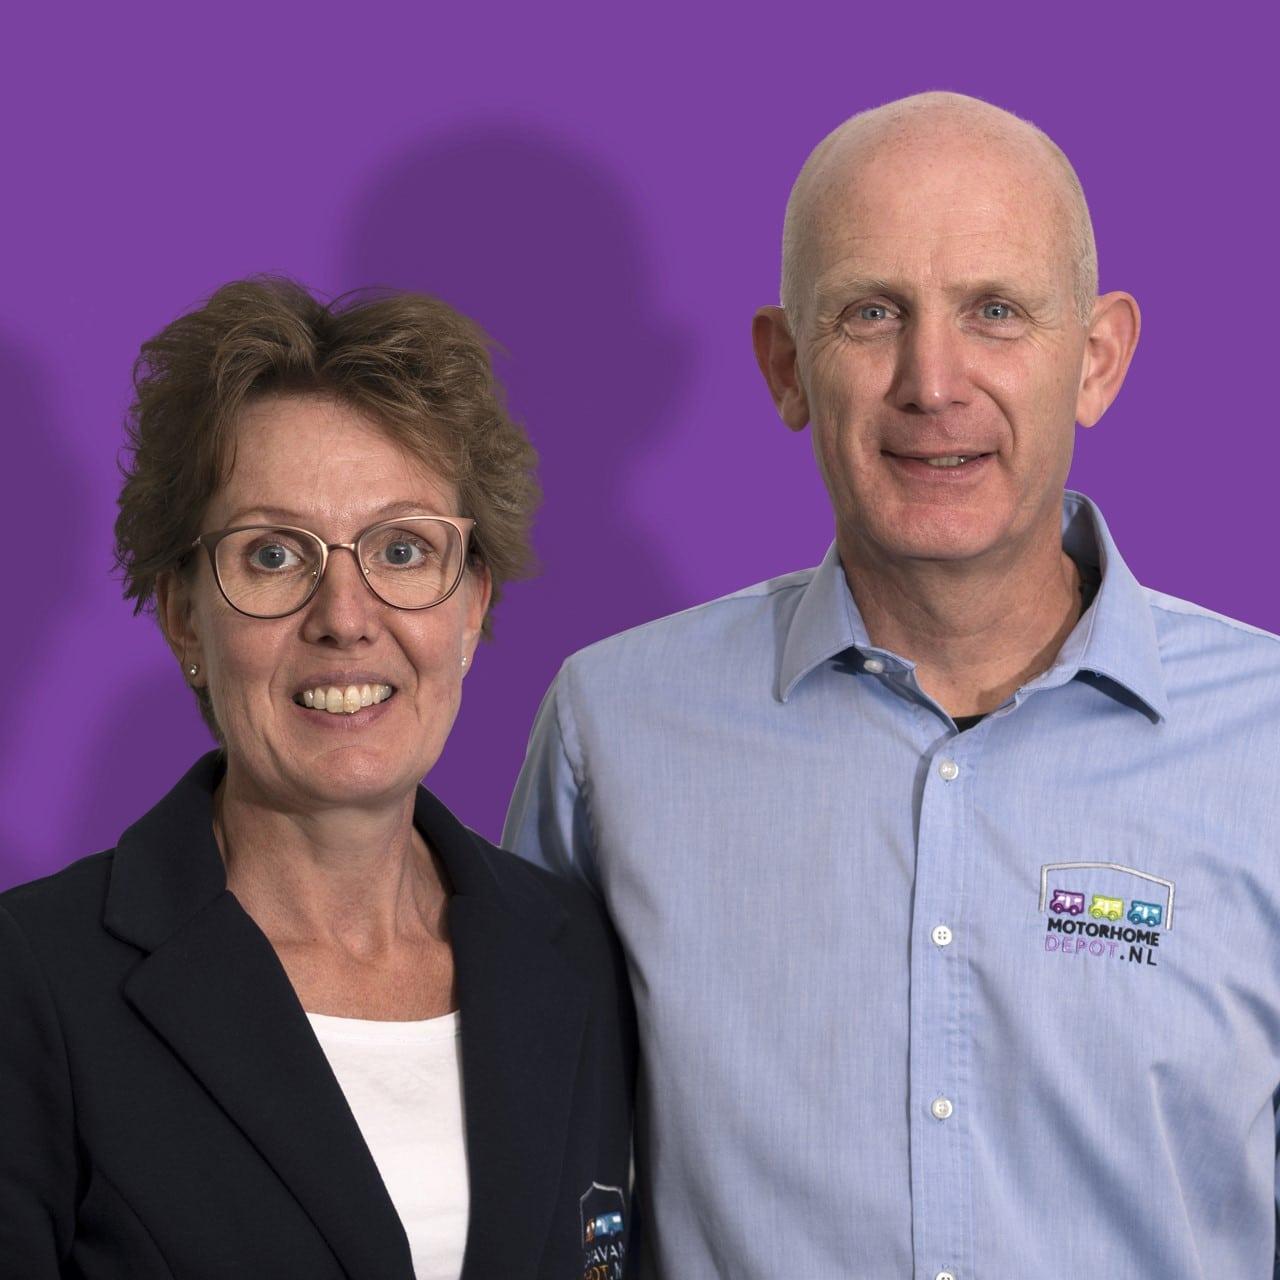 Herald en Inge van Bijleveld